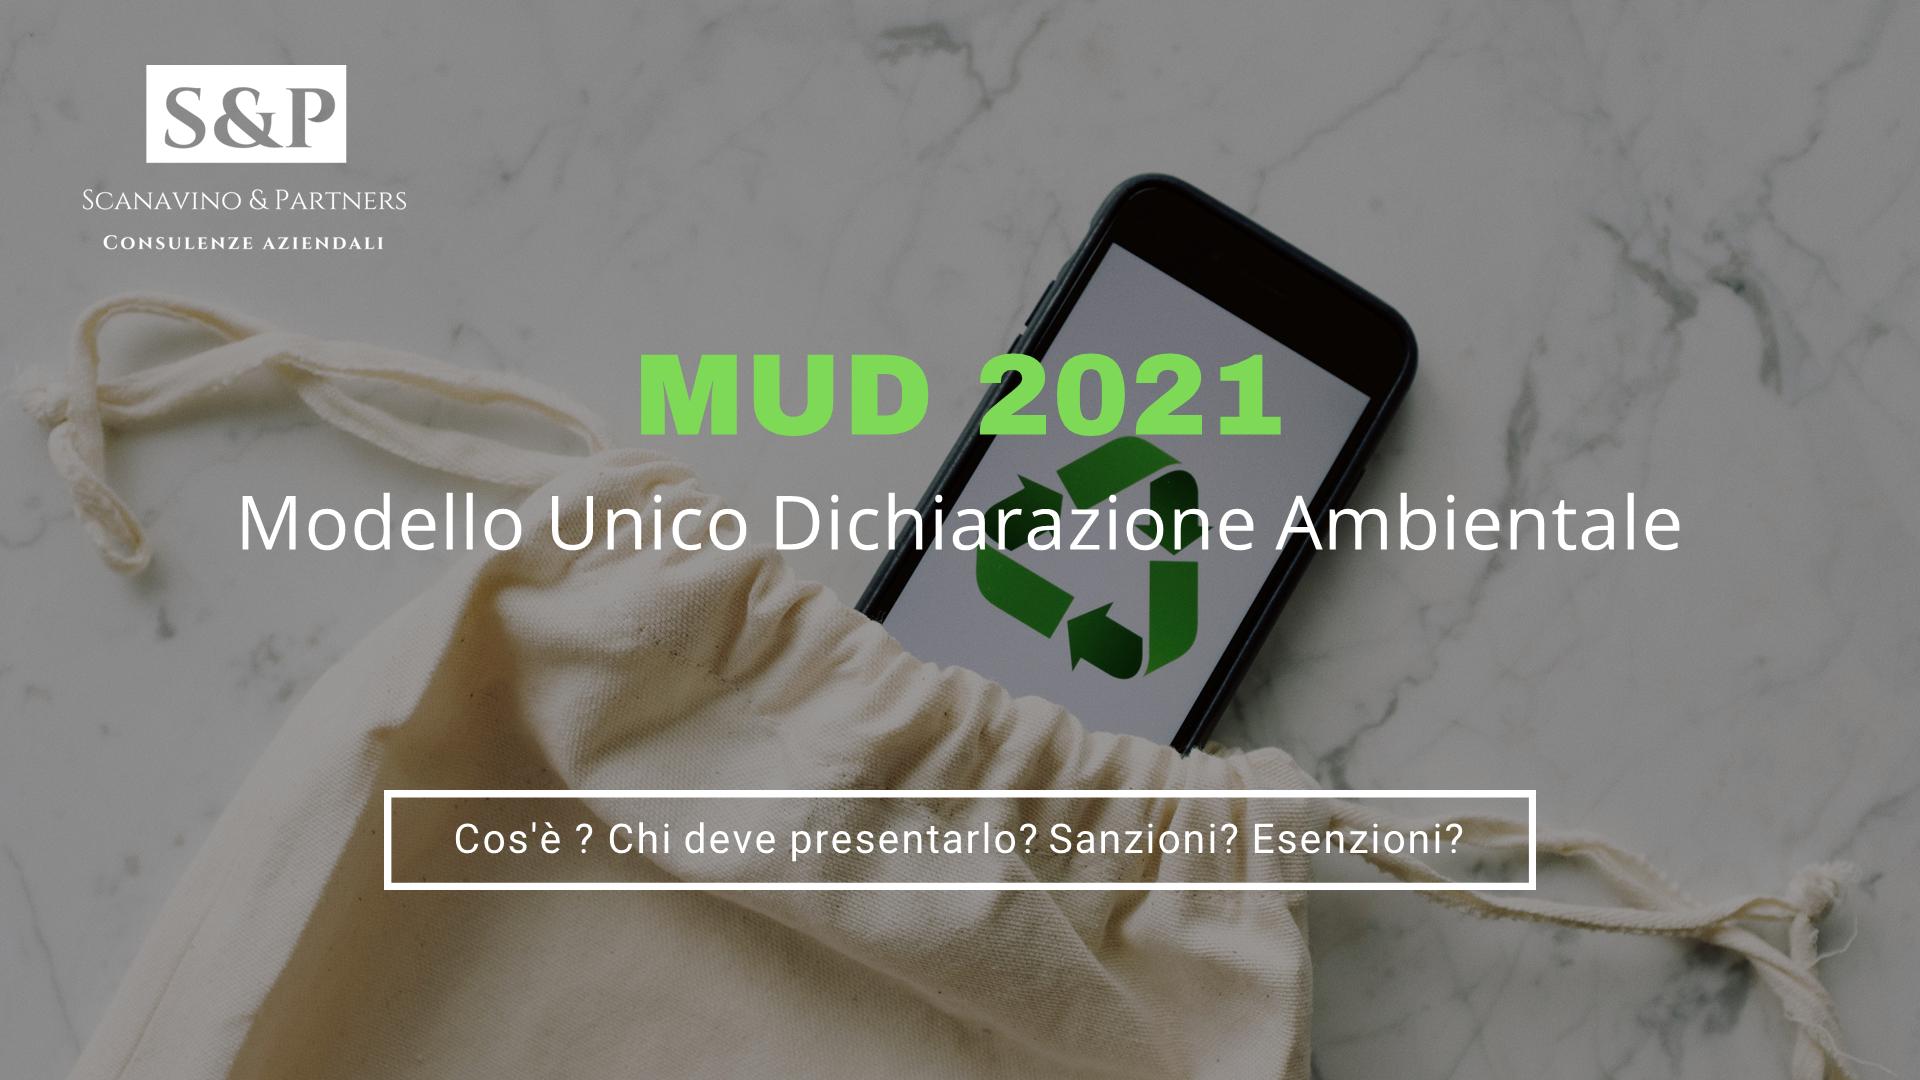 MUD 2021- Guida per la Dichiarazione Ambientale